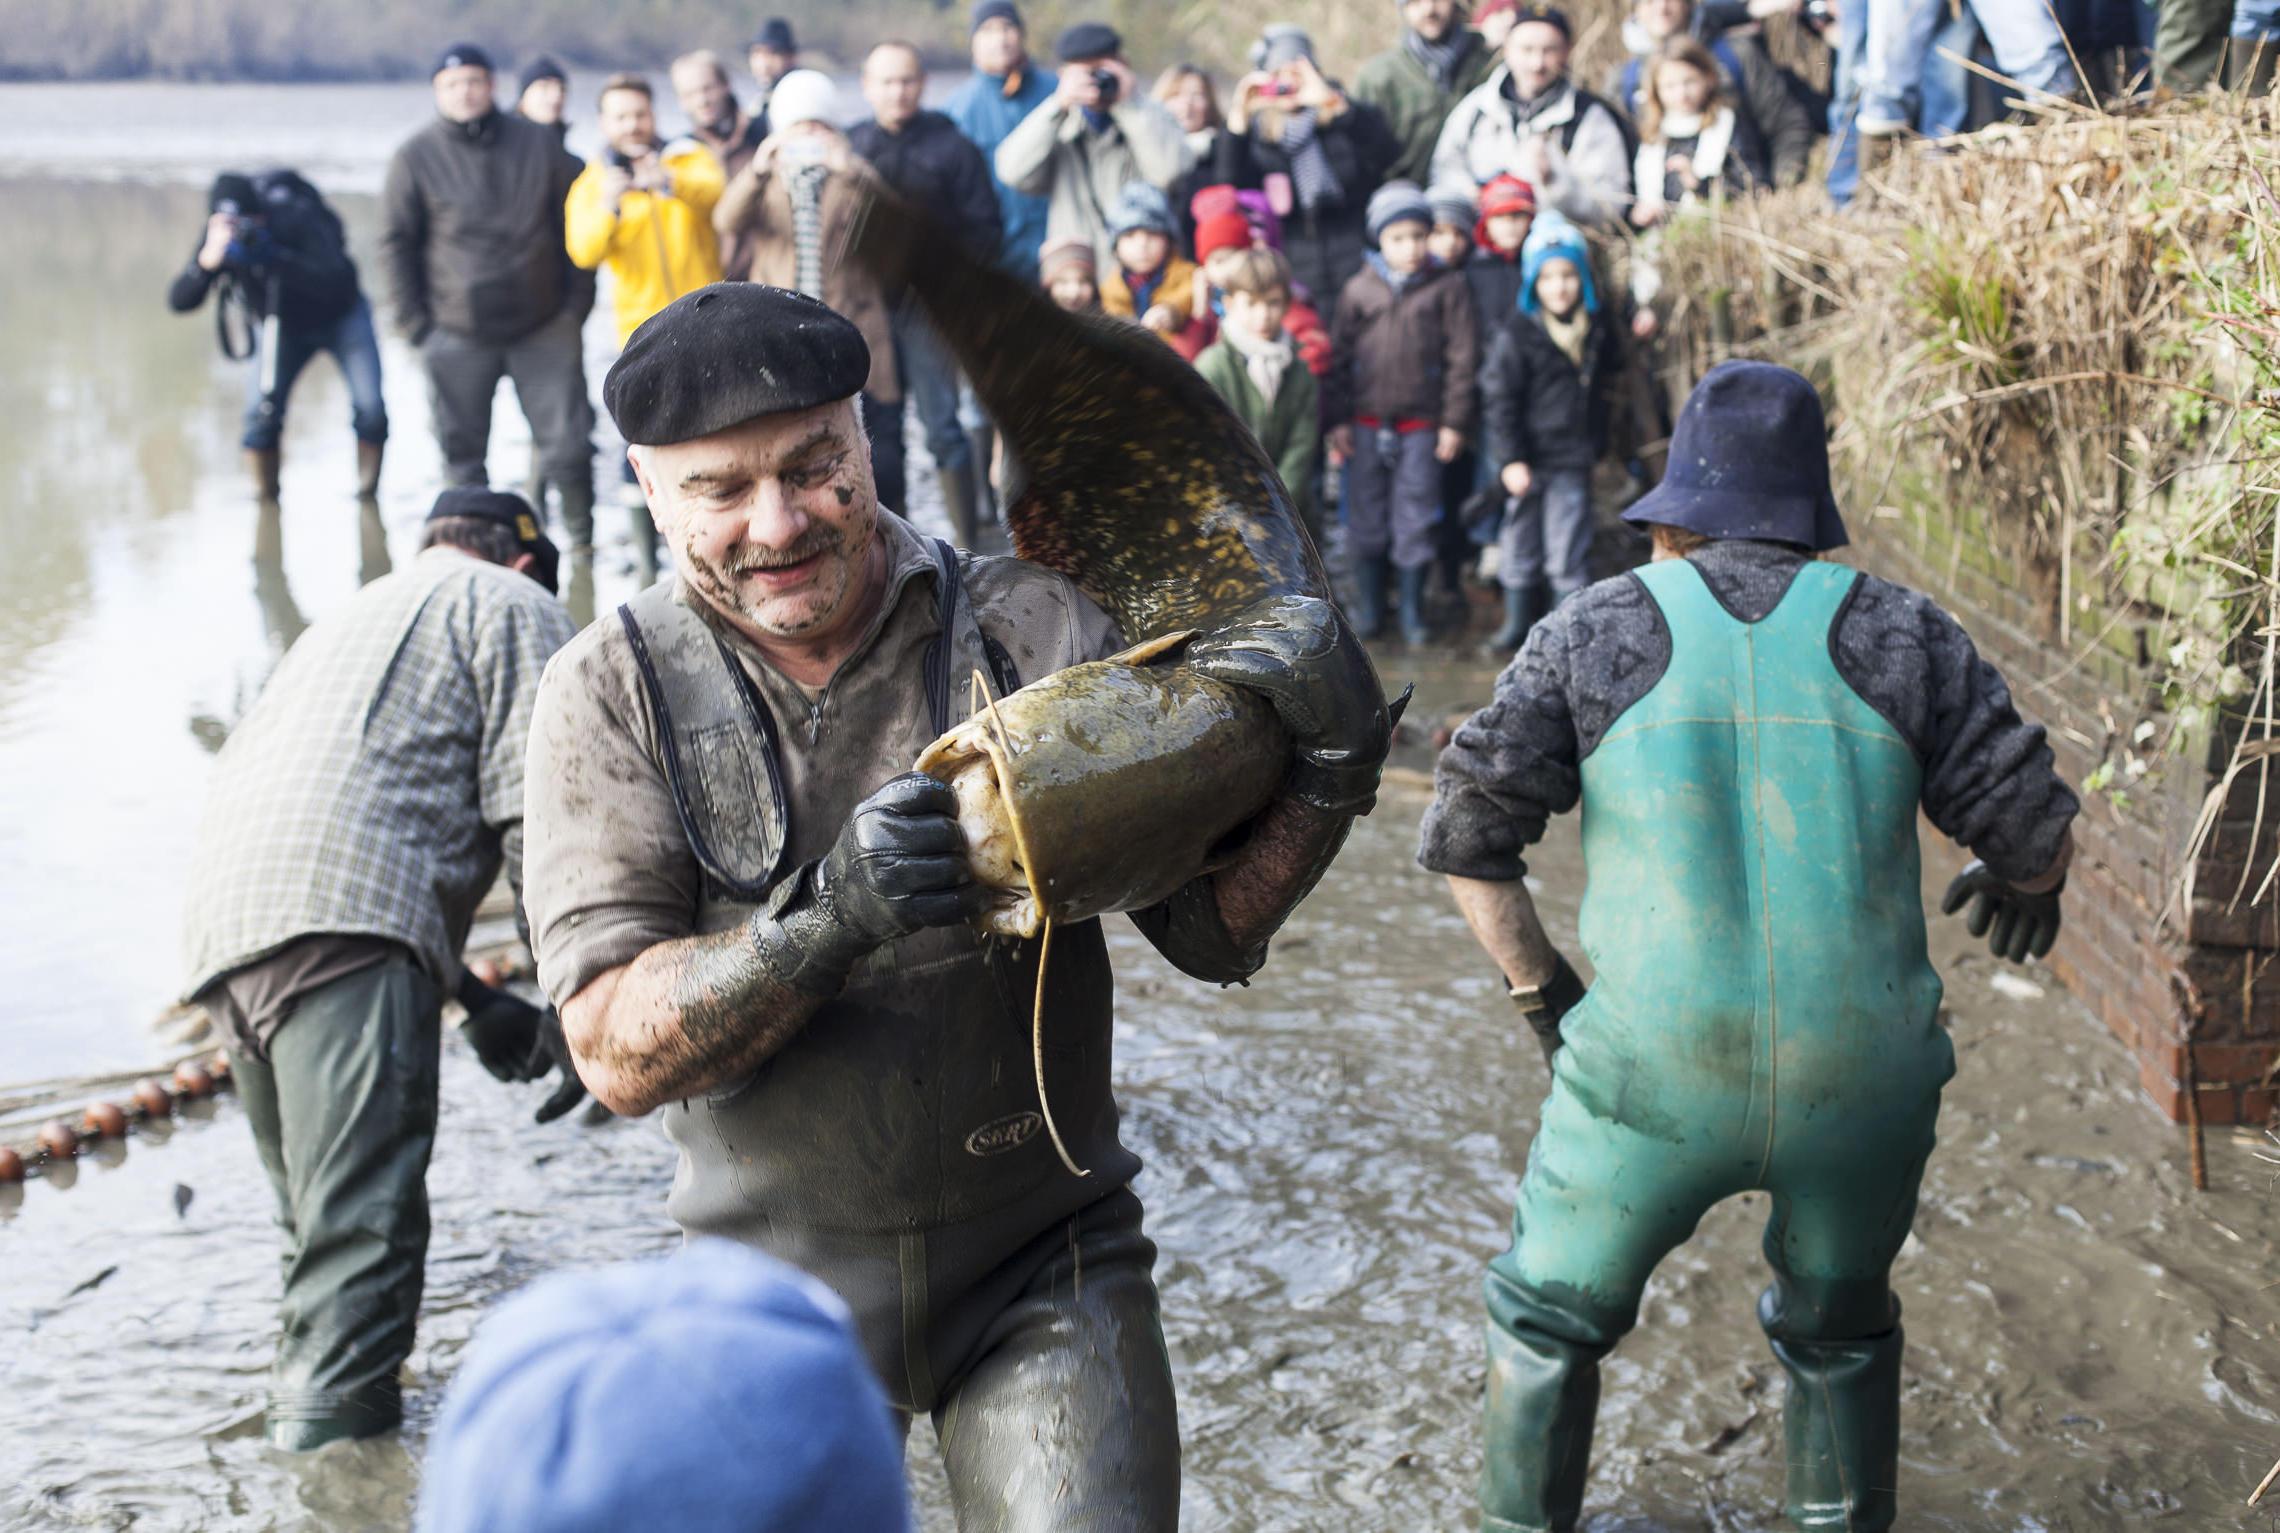 Sologne, tradition pêche d'étang - Allez Gizèle